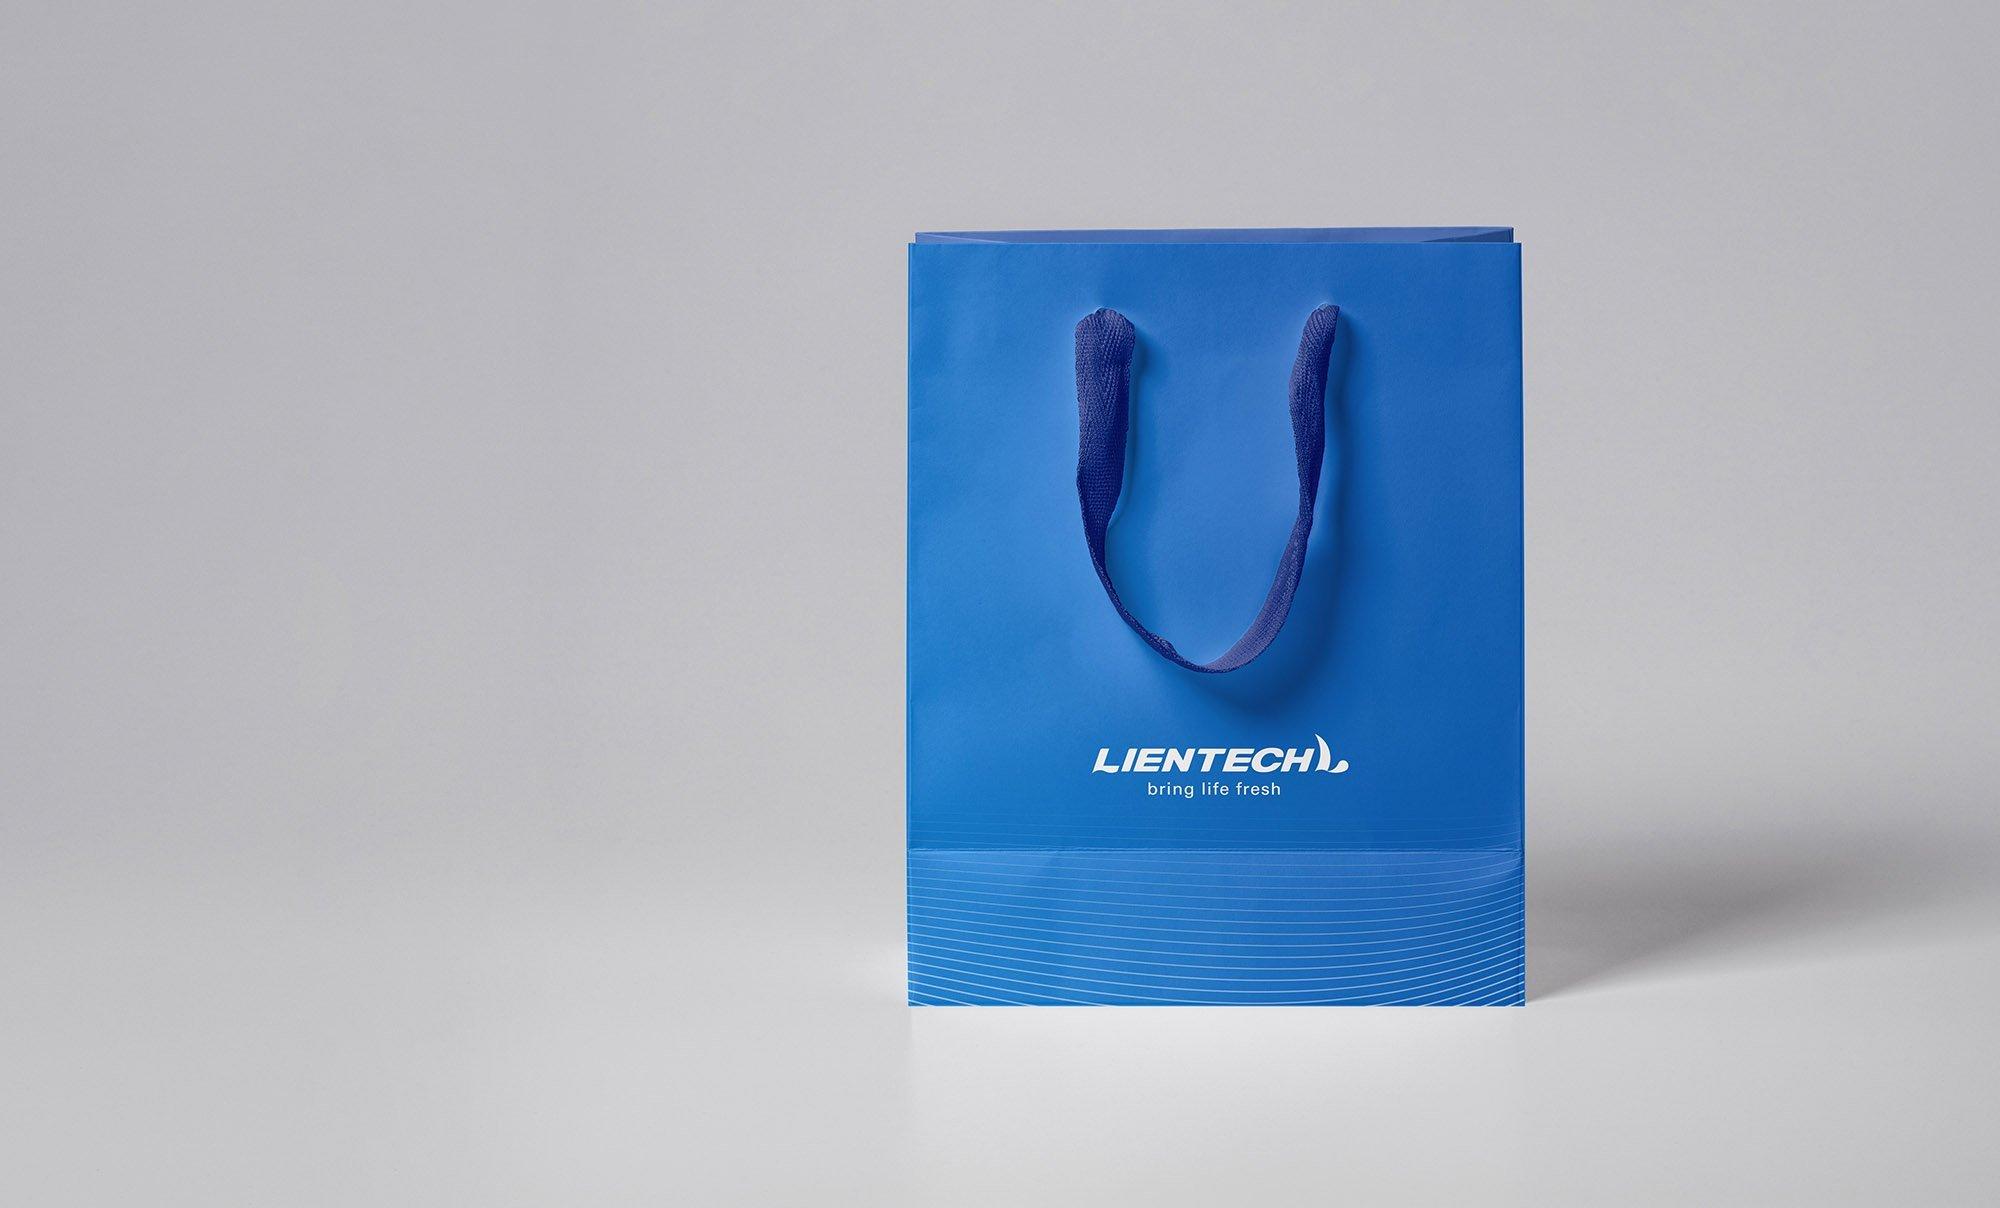 Lientech連華工程 3